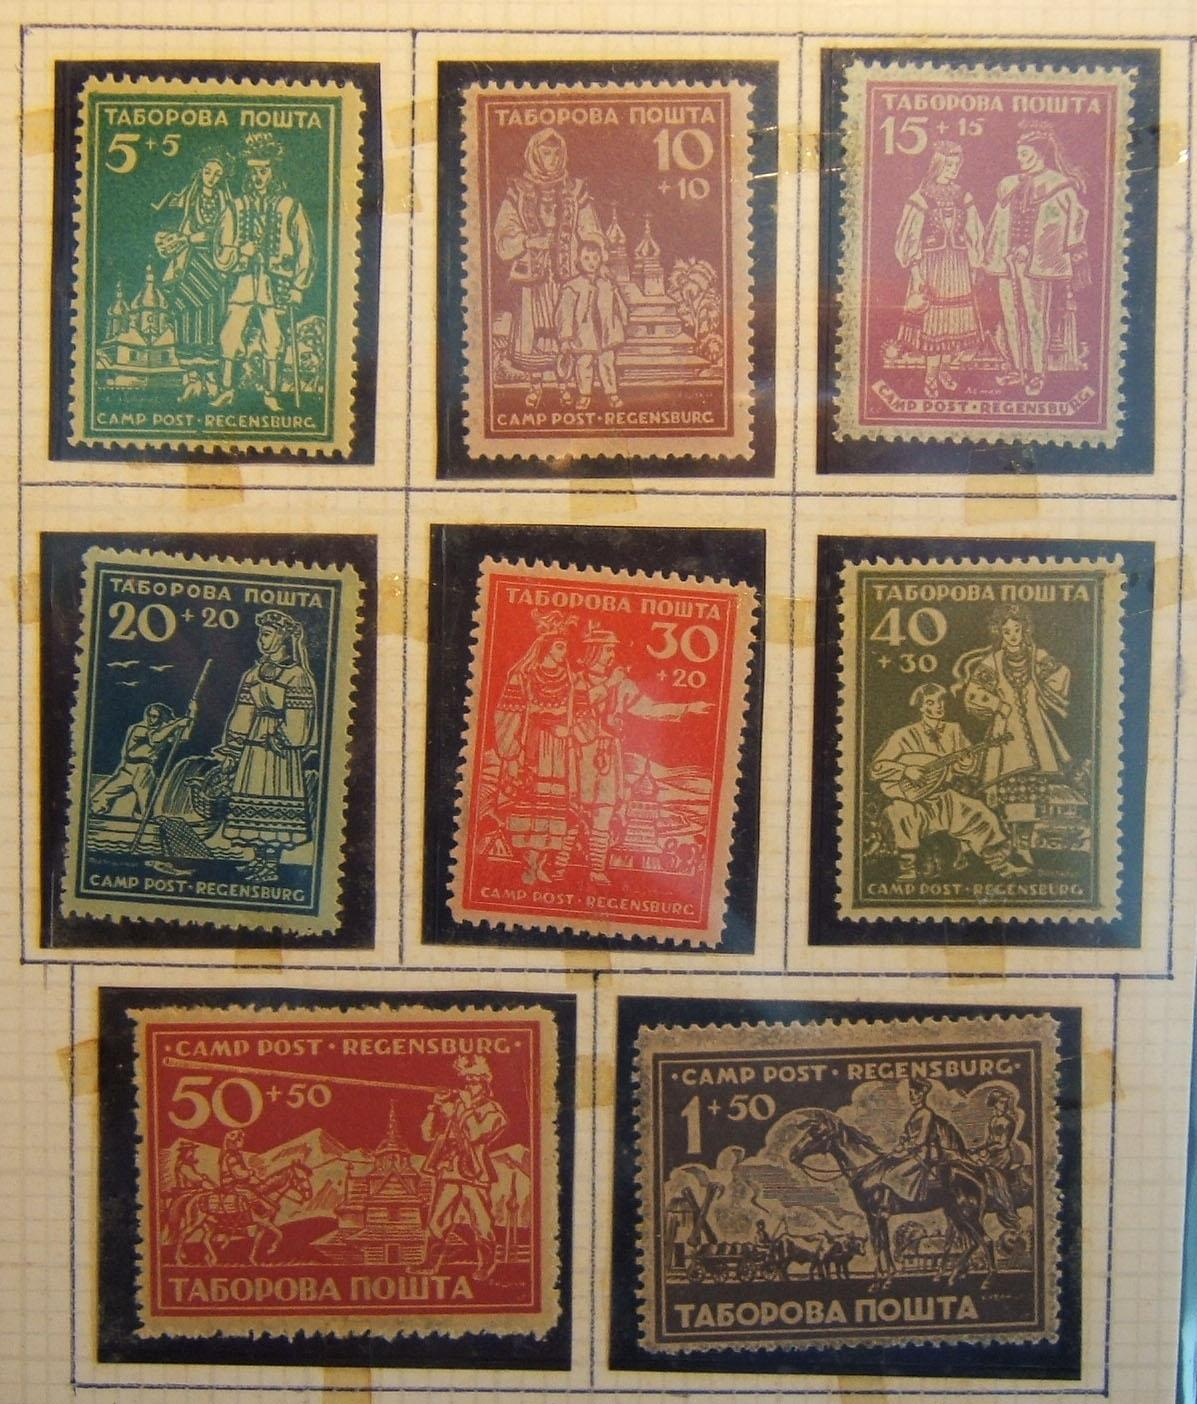 Regensburg Lager, Post 1947, Briefmarkenserie mit Landestrachten, perforiert, postfrisch (9-18).